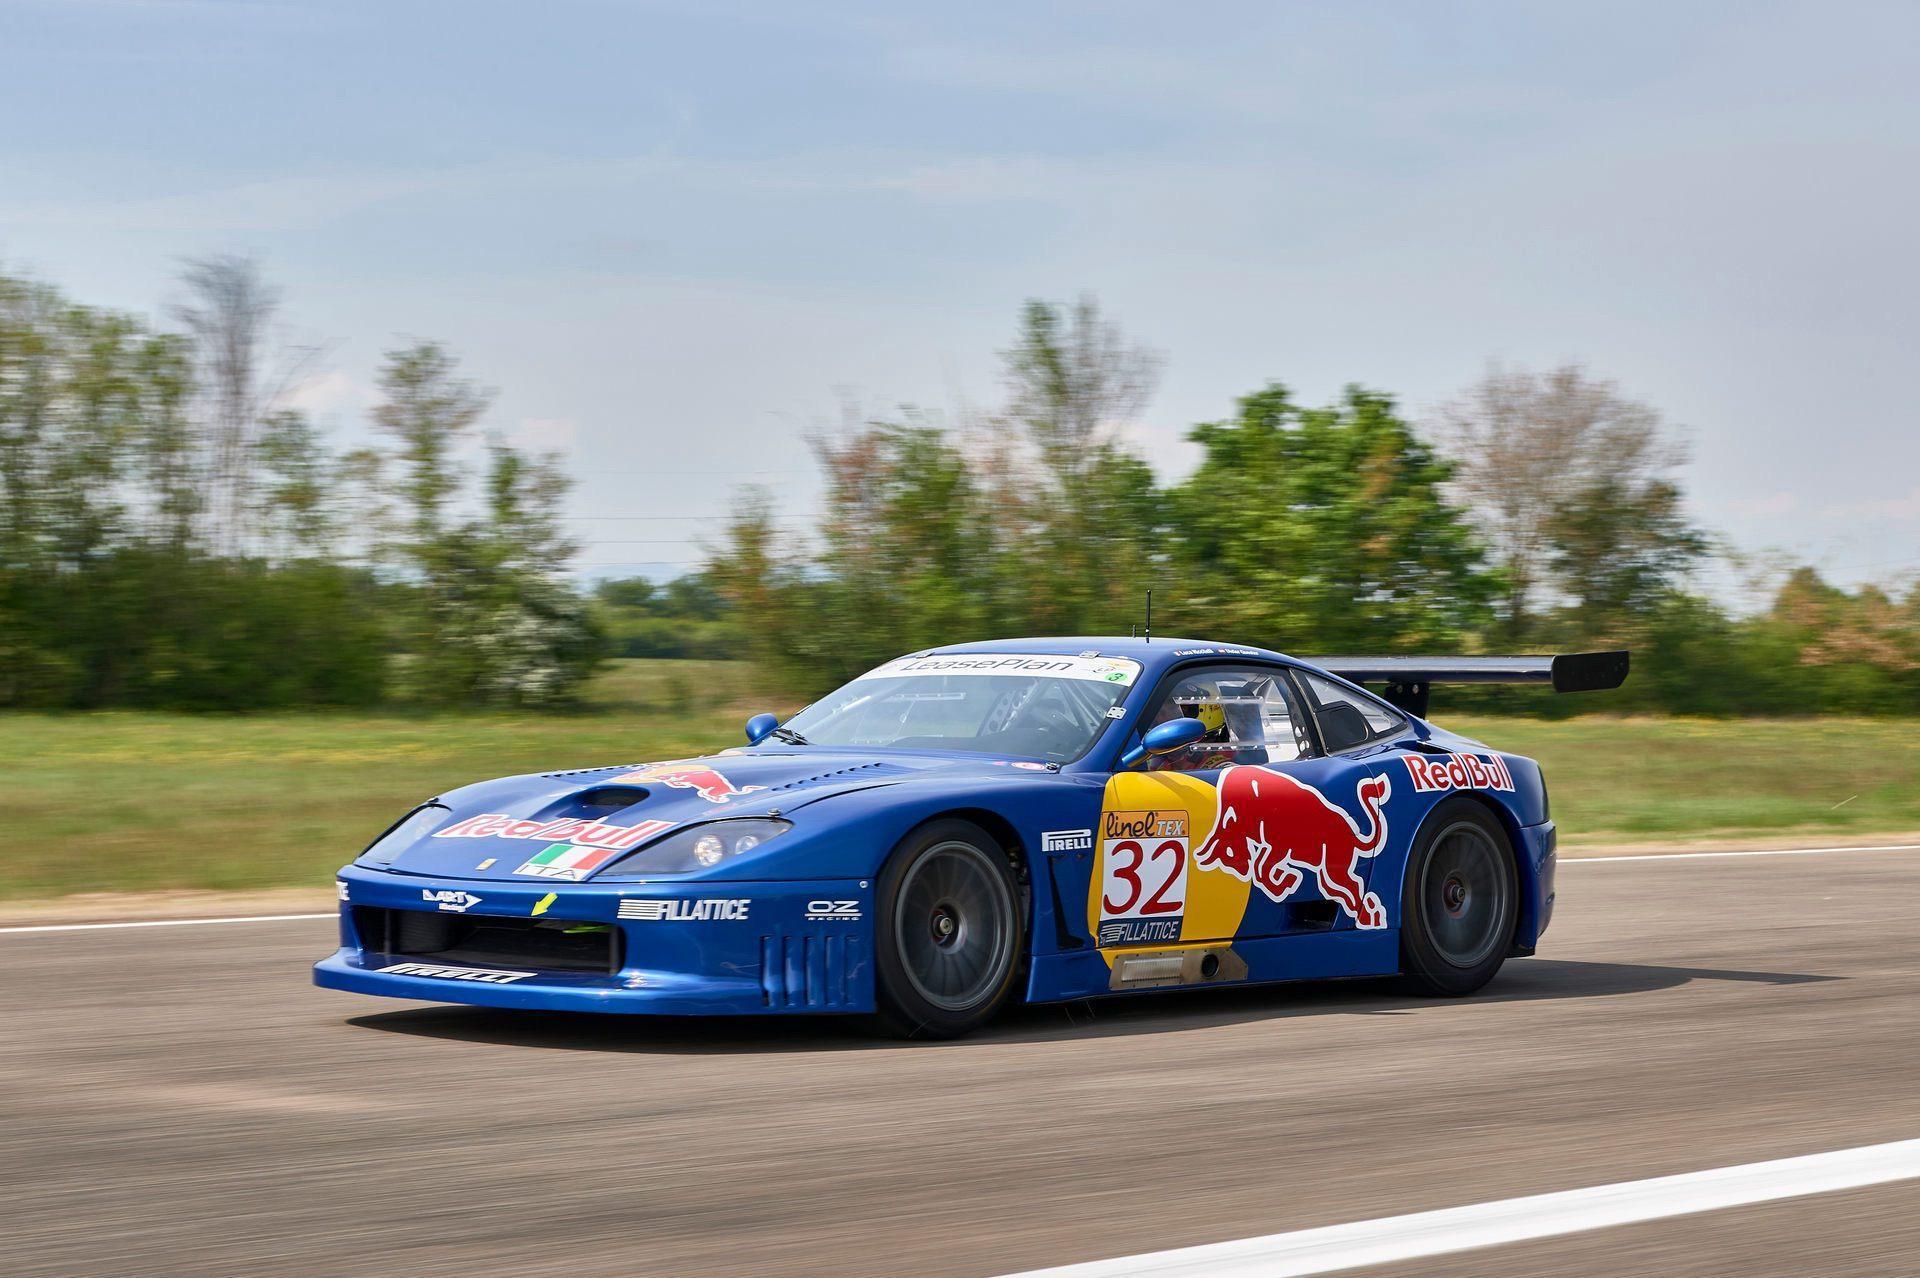 2001_Ferrari_550_GT1_sale-0000